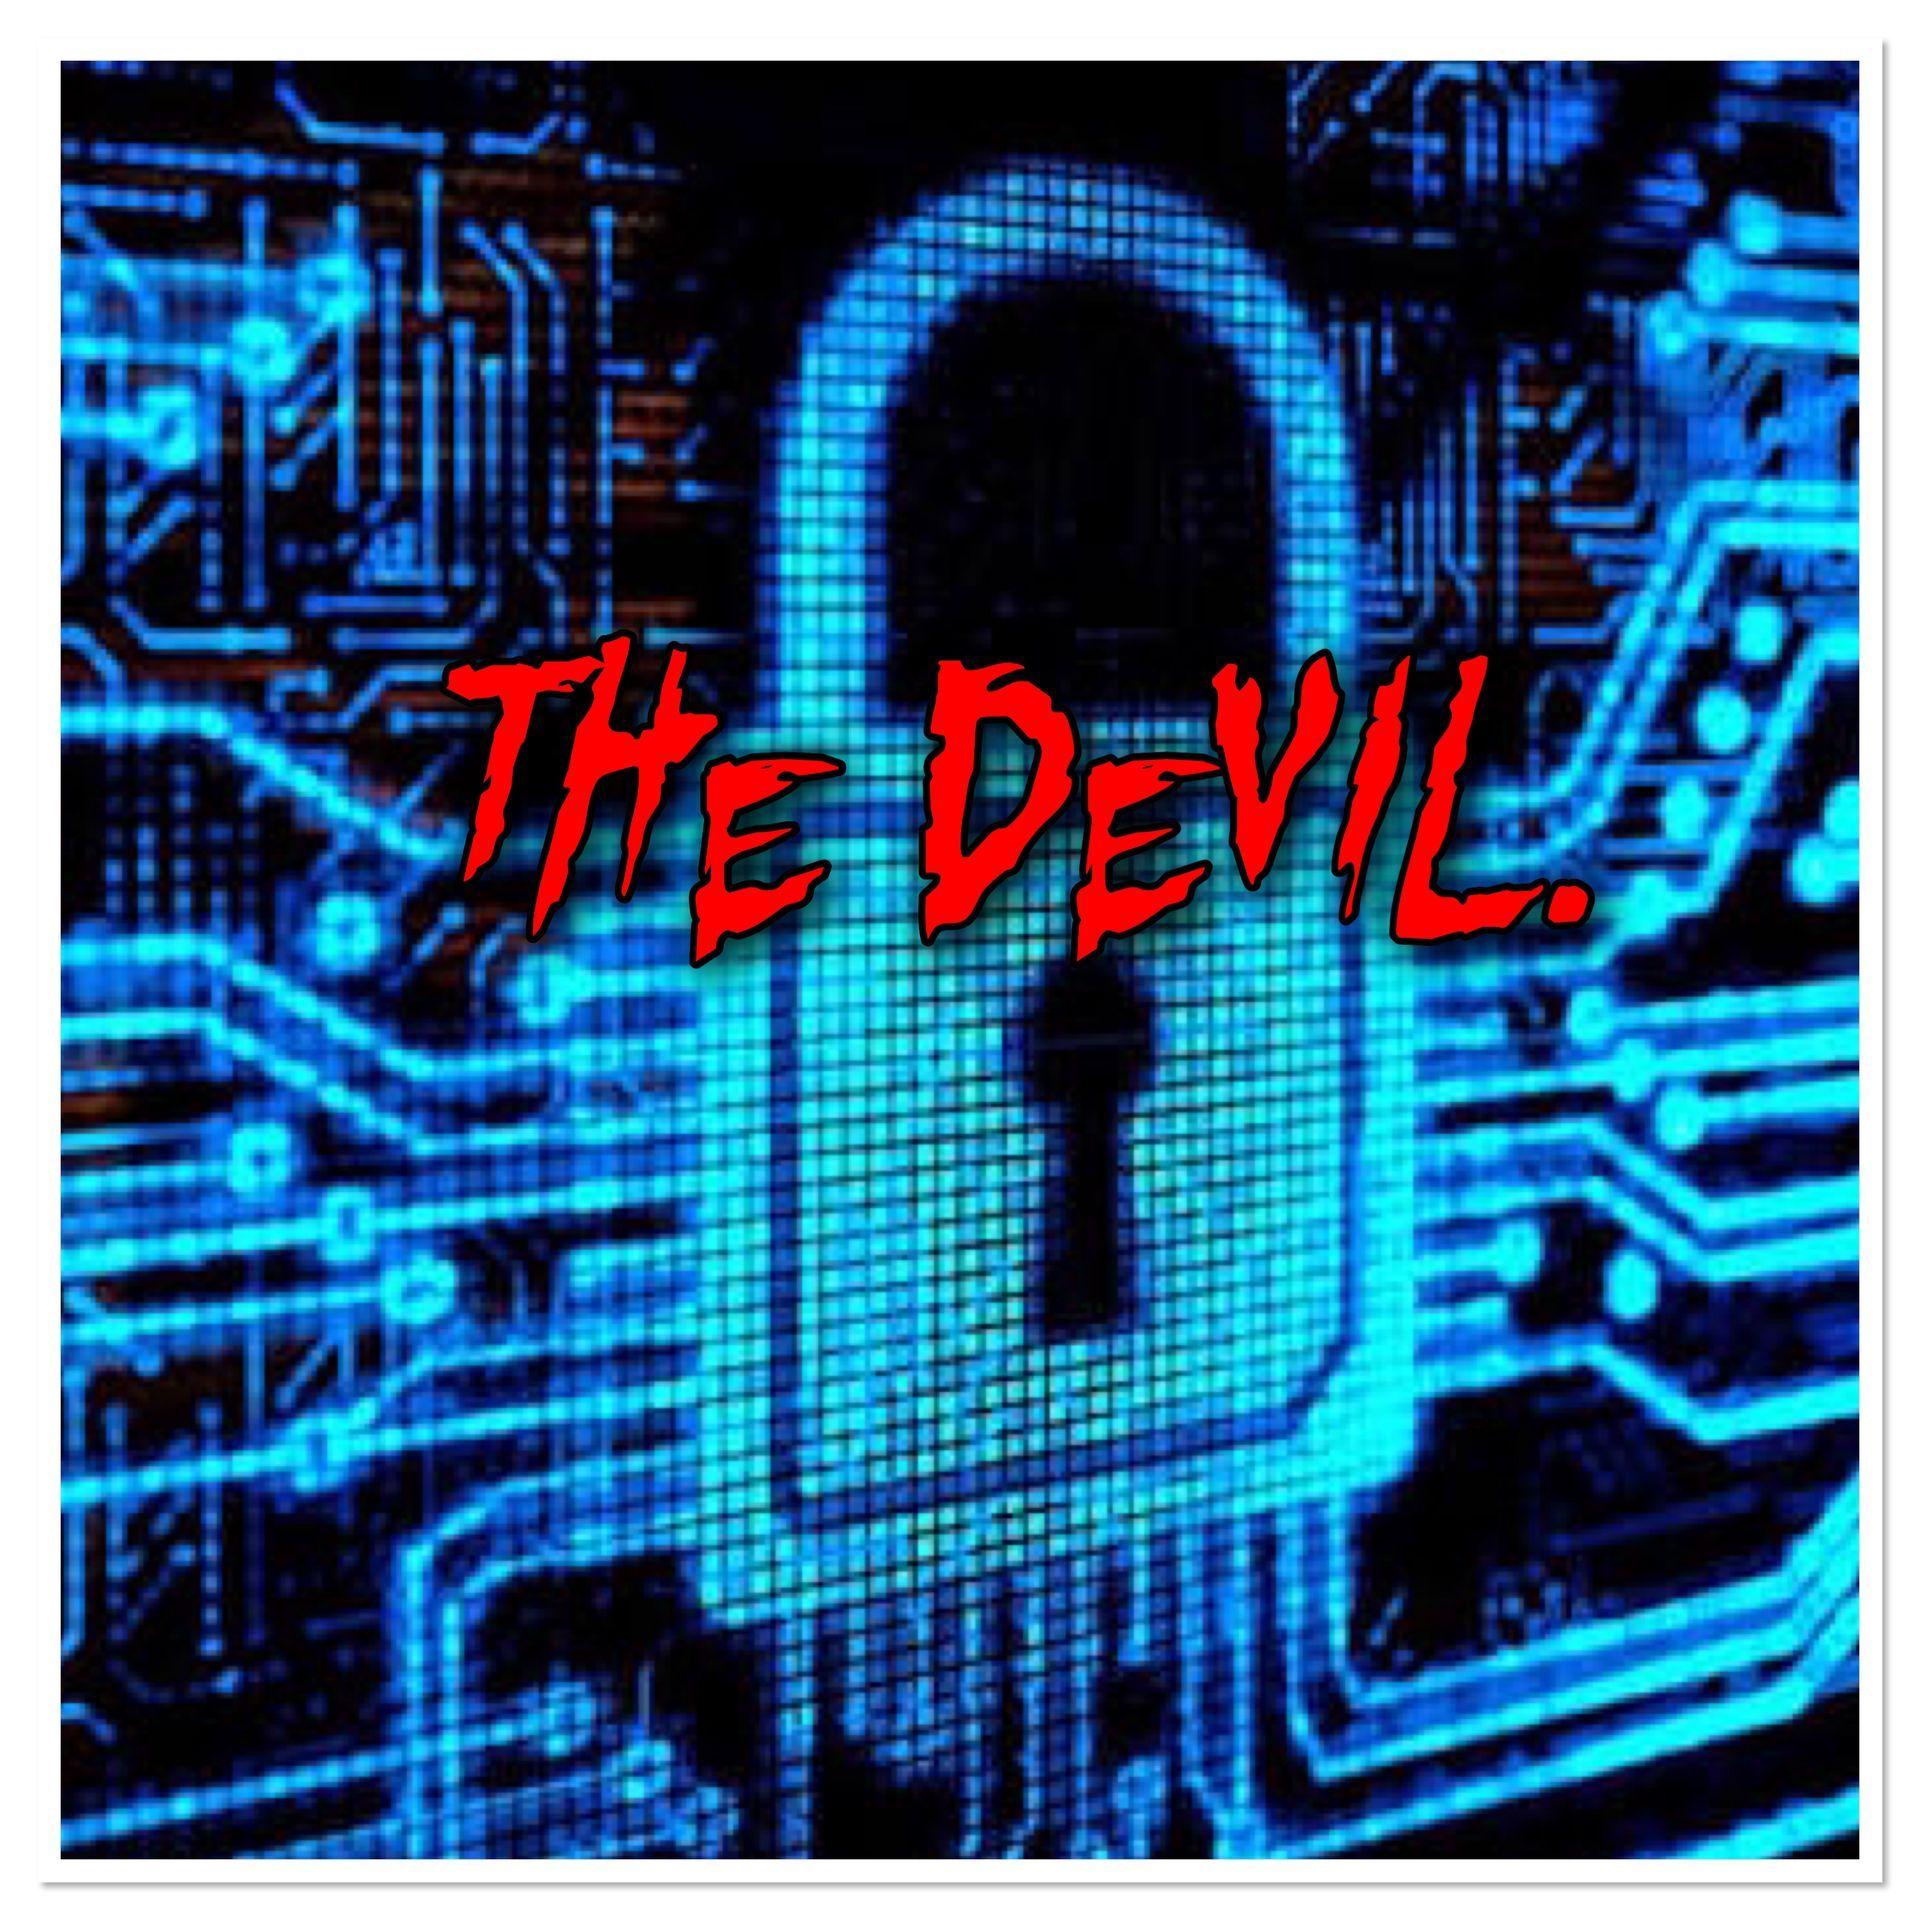 Hai chữ The Devil màu đỏ thẫm nhìn vào thật nguy hiểm hiện lên trên màn hình đánh dấu cho sự thành công của bọn họ